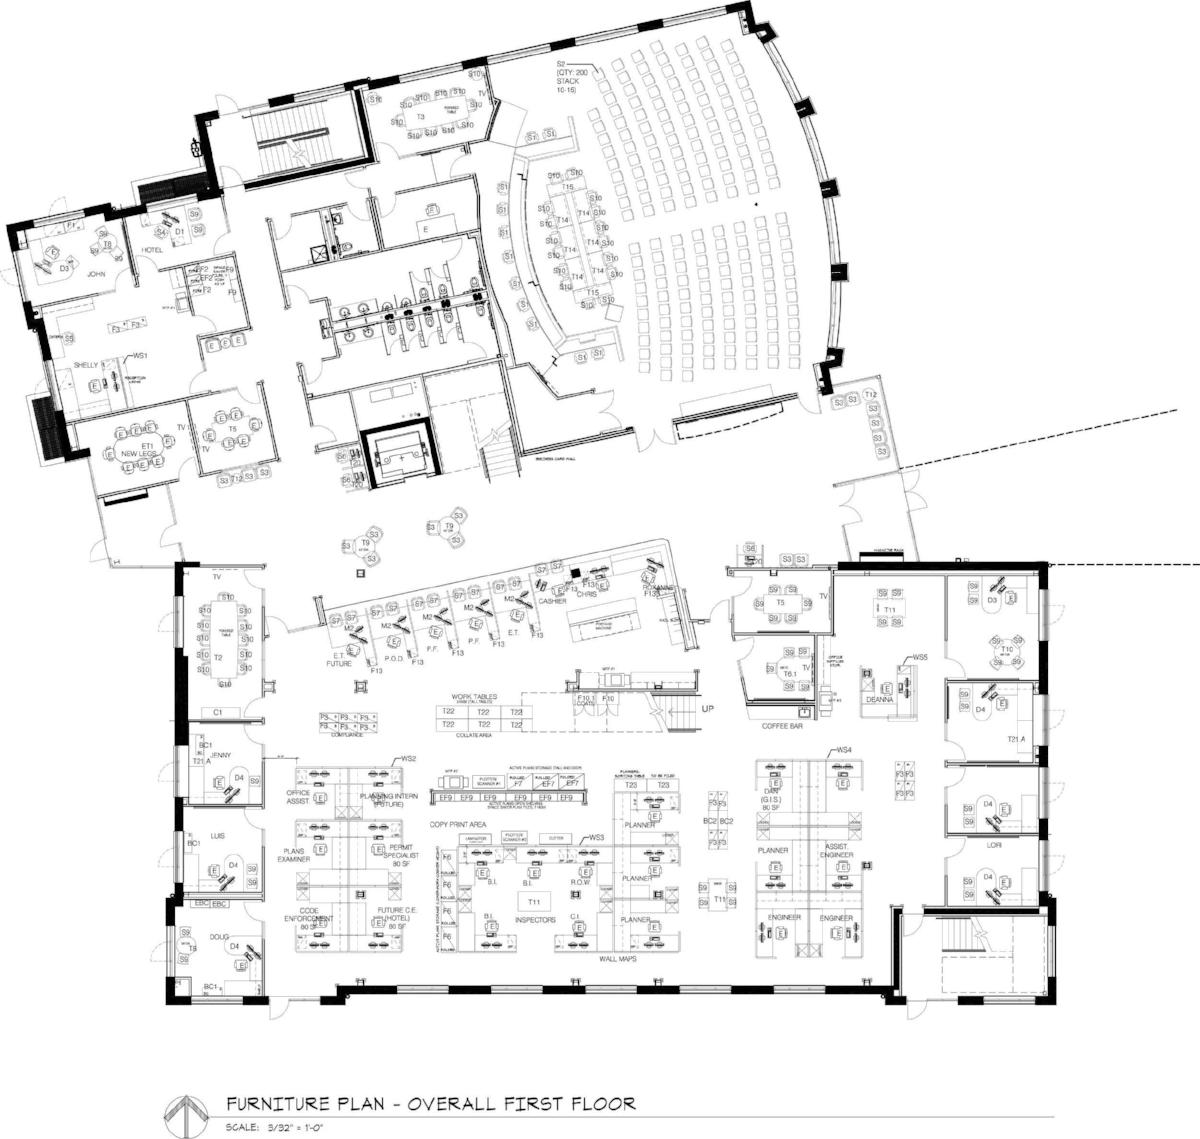 Coded Furn Plan - 1st Floor image for website.jpg